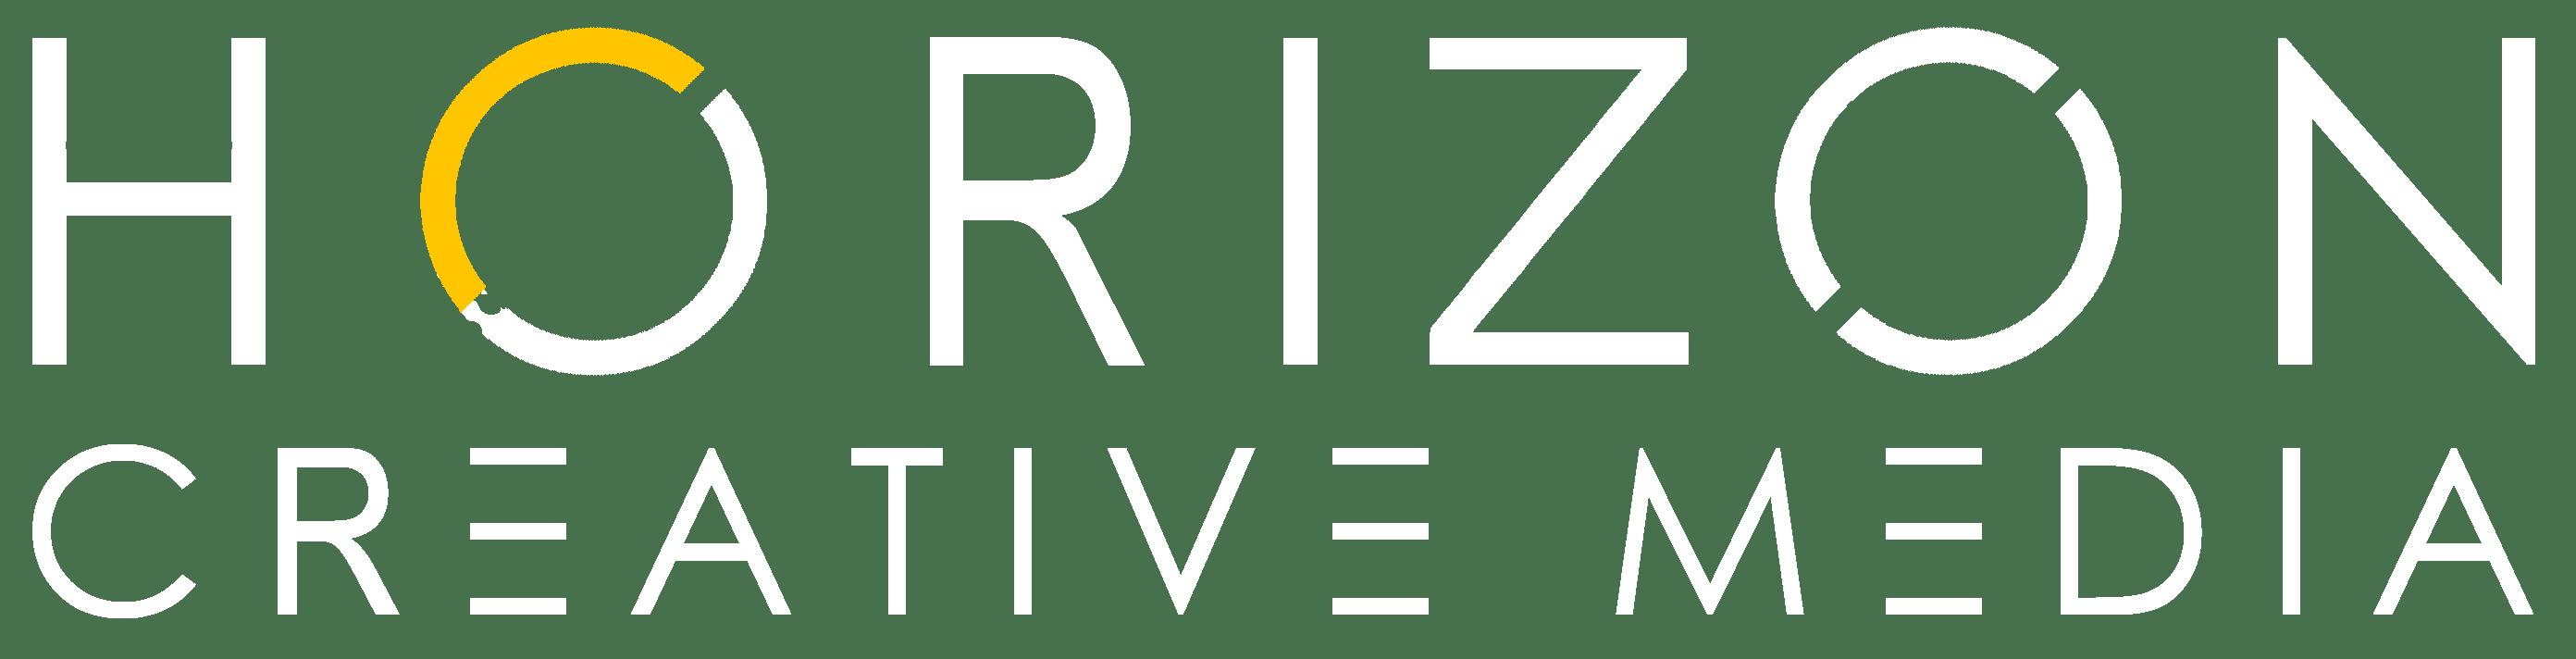 Horizon Creative Media Ltd